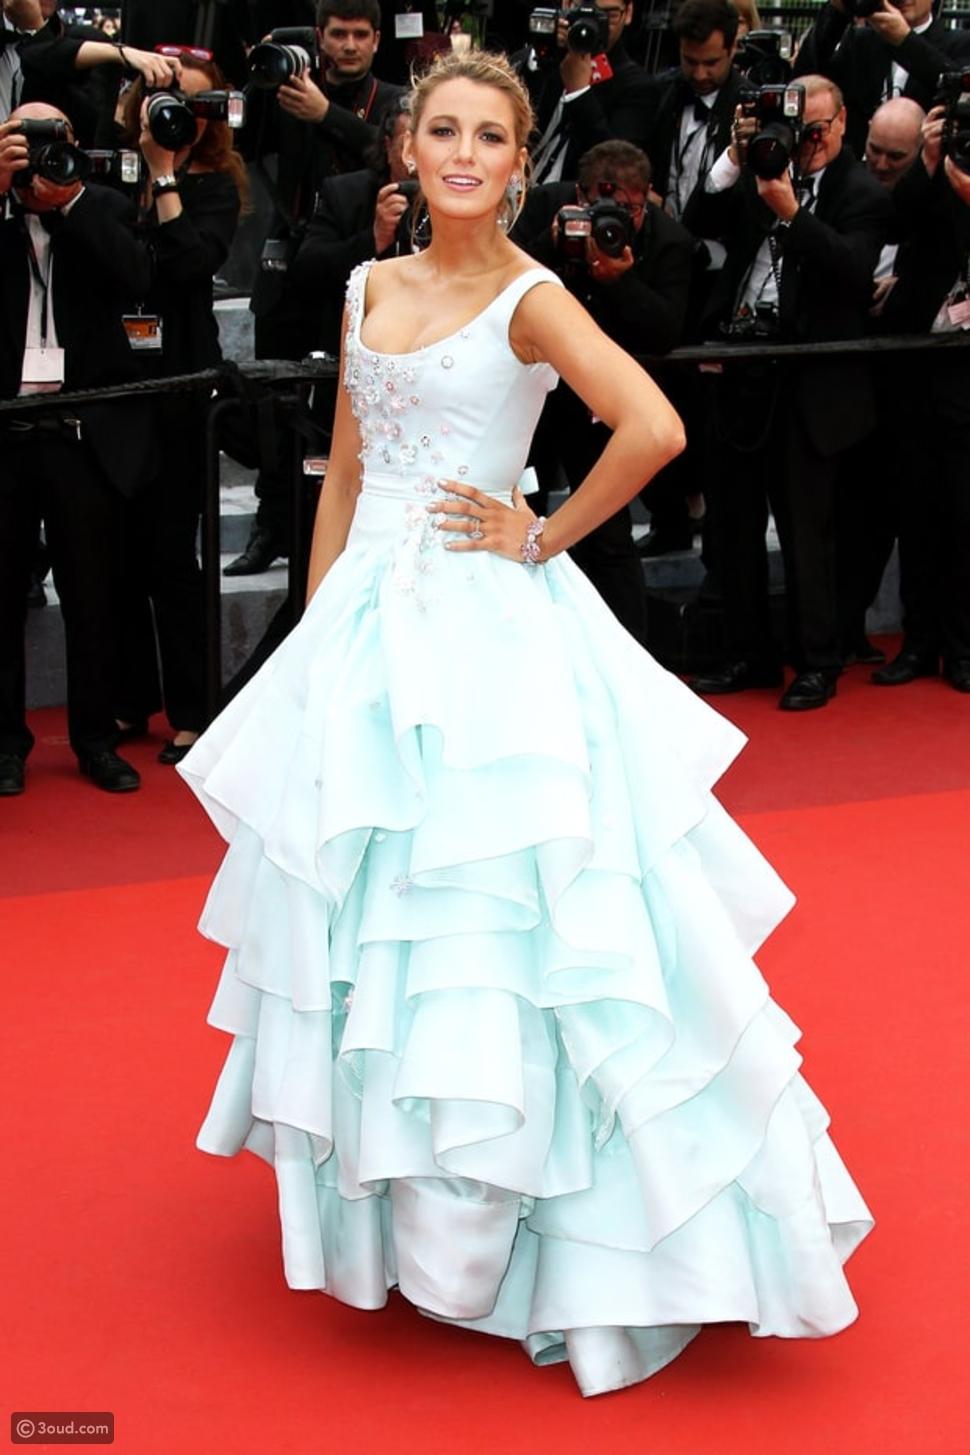 فستان سندريلا يحضر مهرجان كان السينمائي لهذا العام